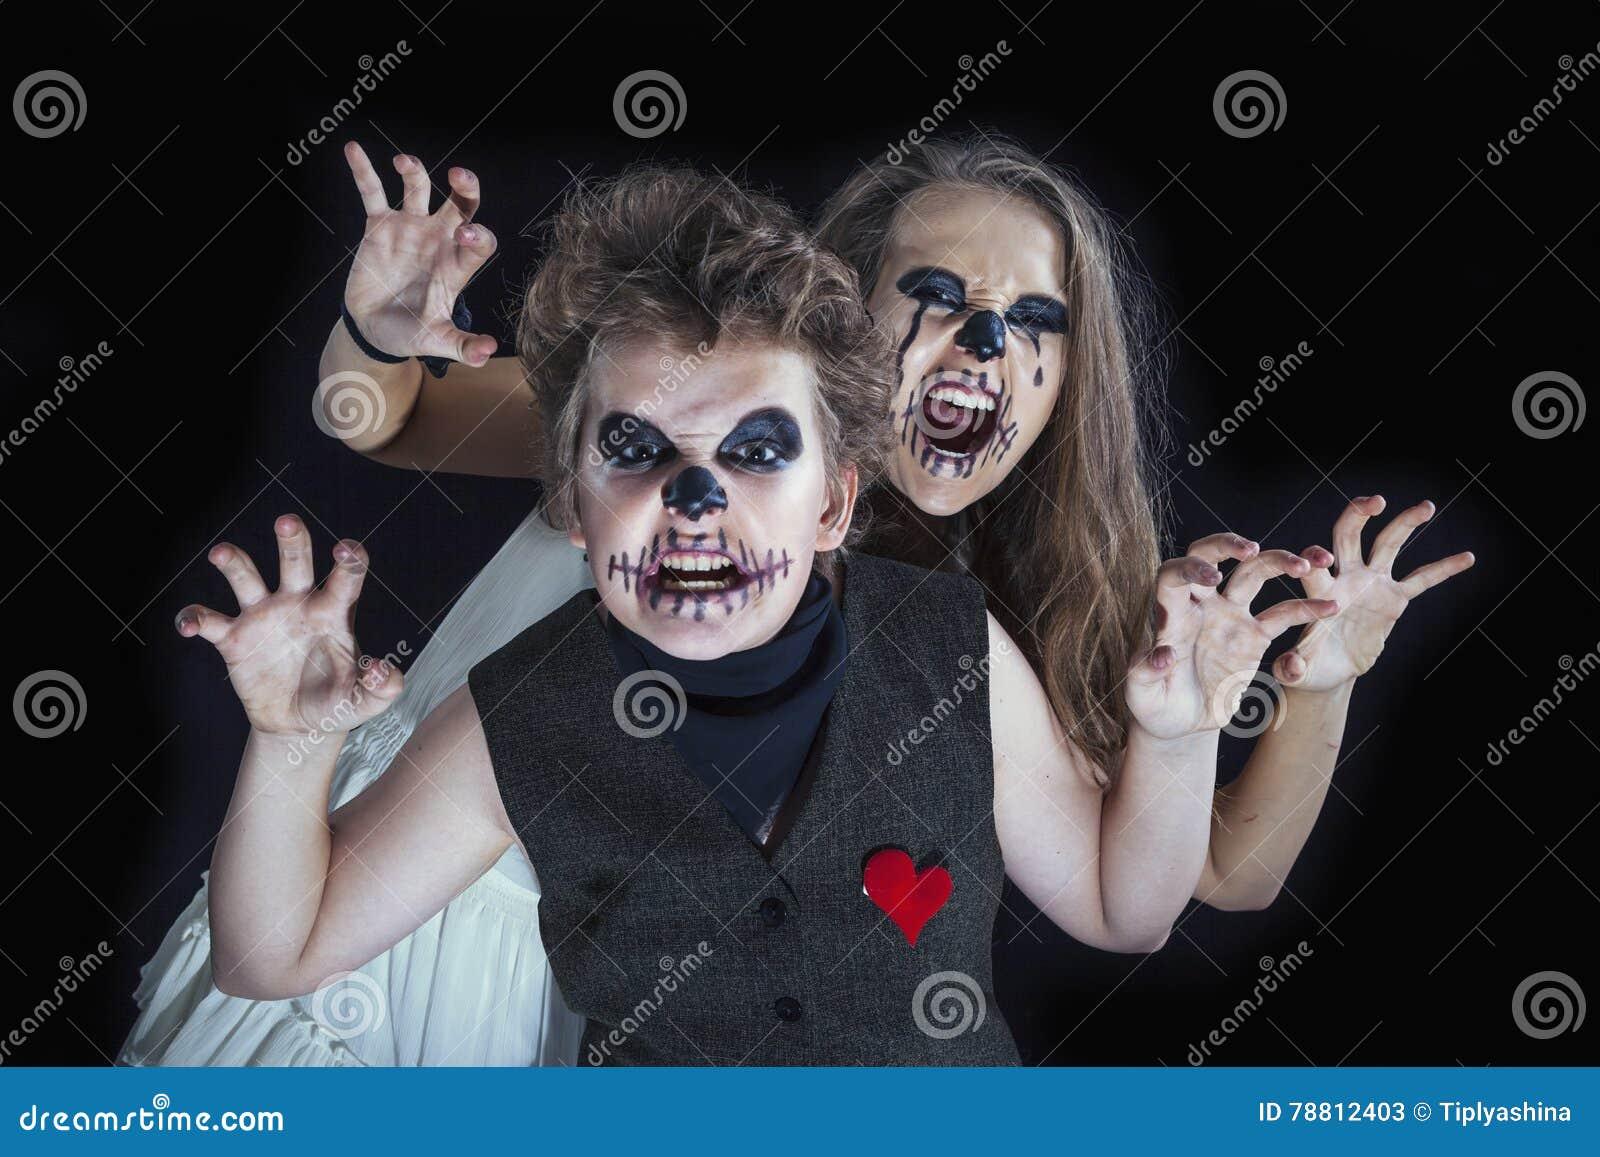 Il ritratto di una ragazza e di un ragazzo si è vestito per la celebrazione di Halloween